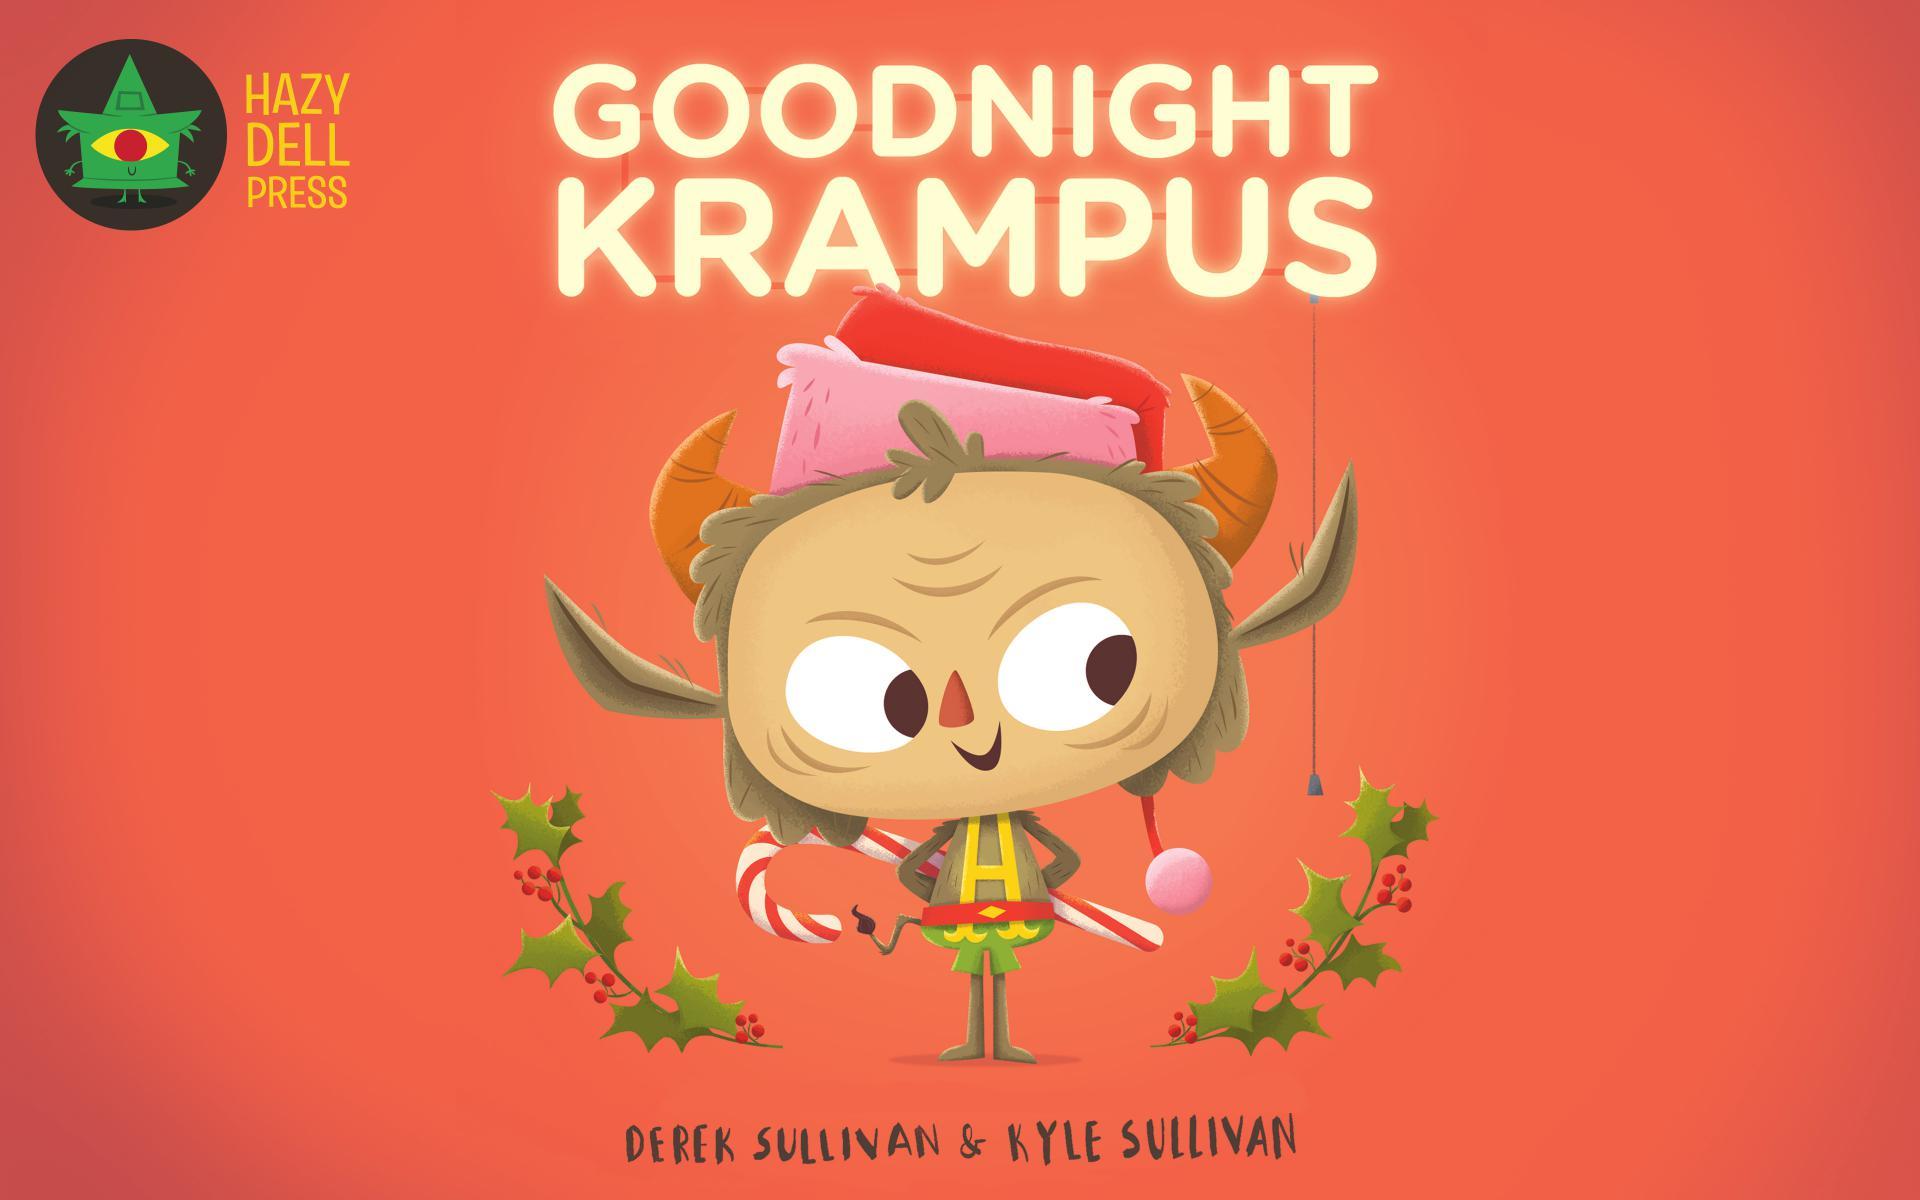 Goodnight Krampus, Kindle edition.